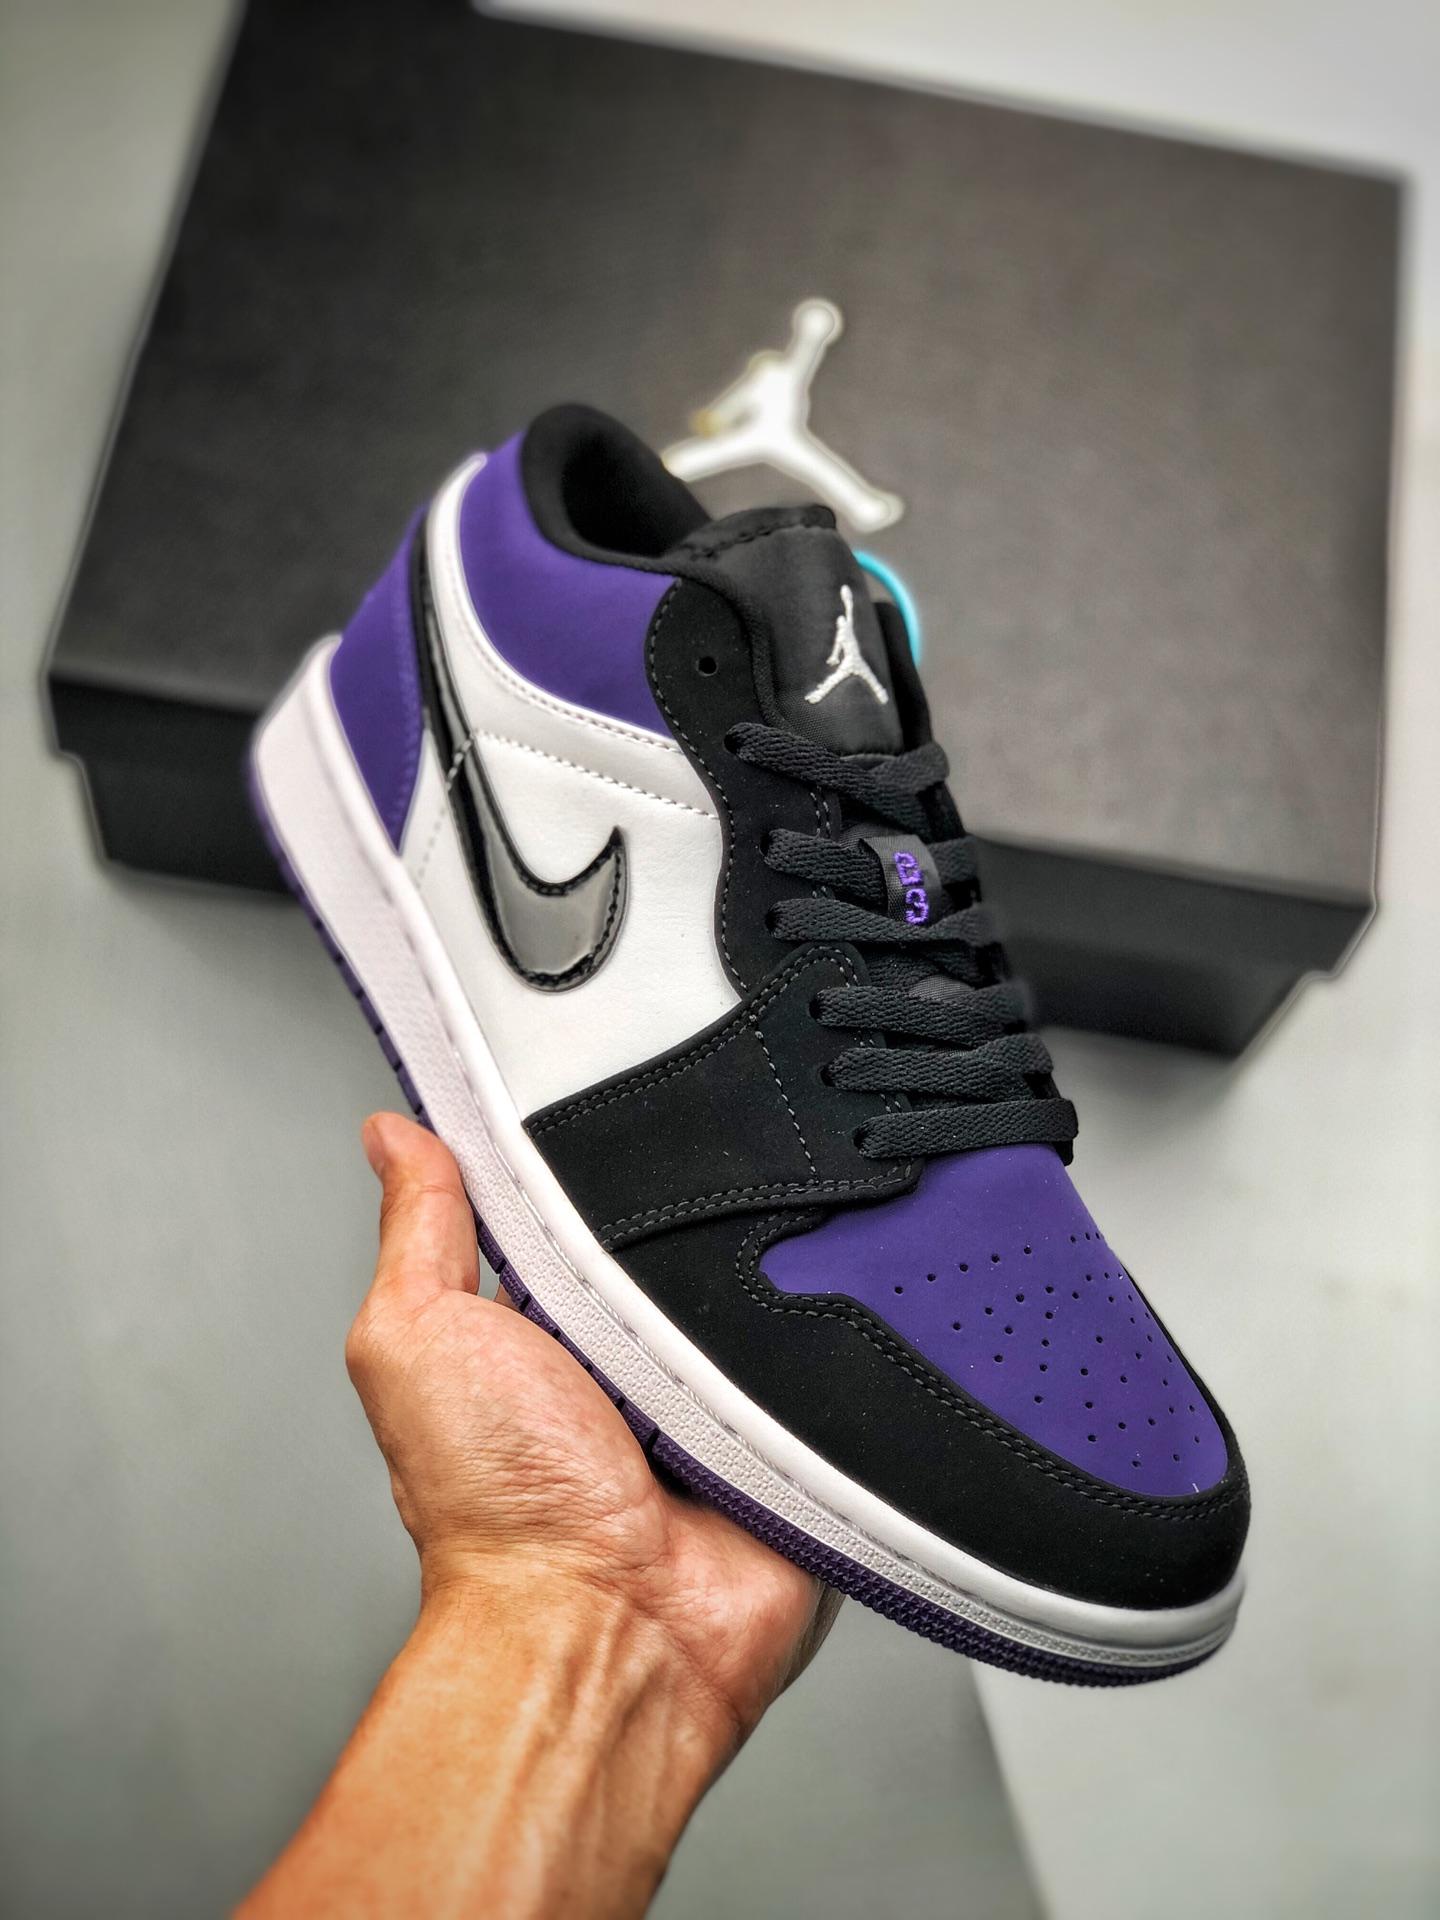 S2低帮low系列 Air Jordan 1 Low 黑紫葡萄 553558-125 恶人紫色_莆田鞋cj什么意思